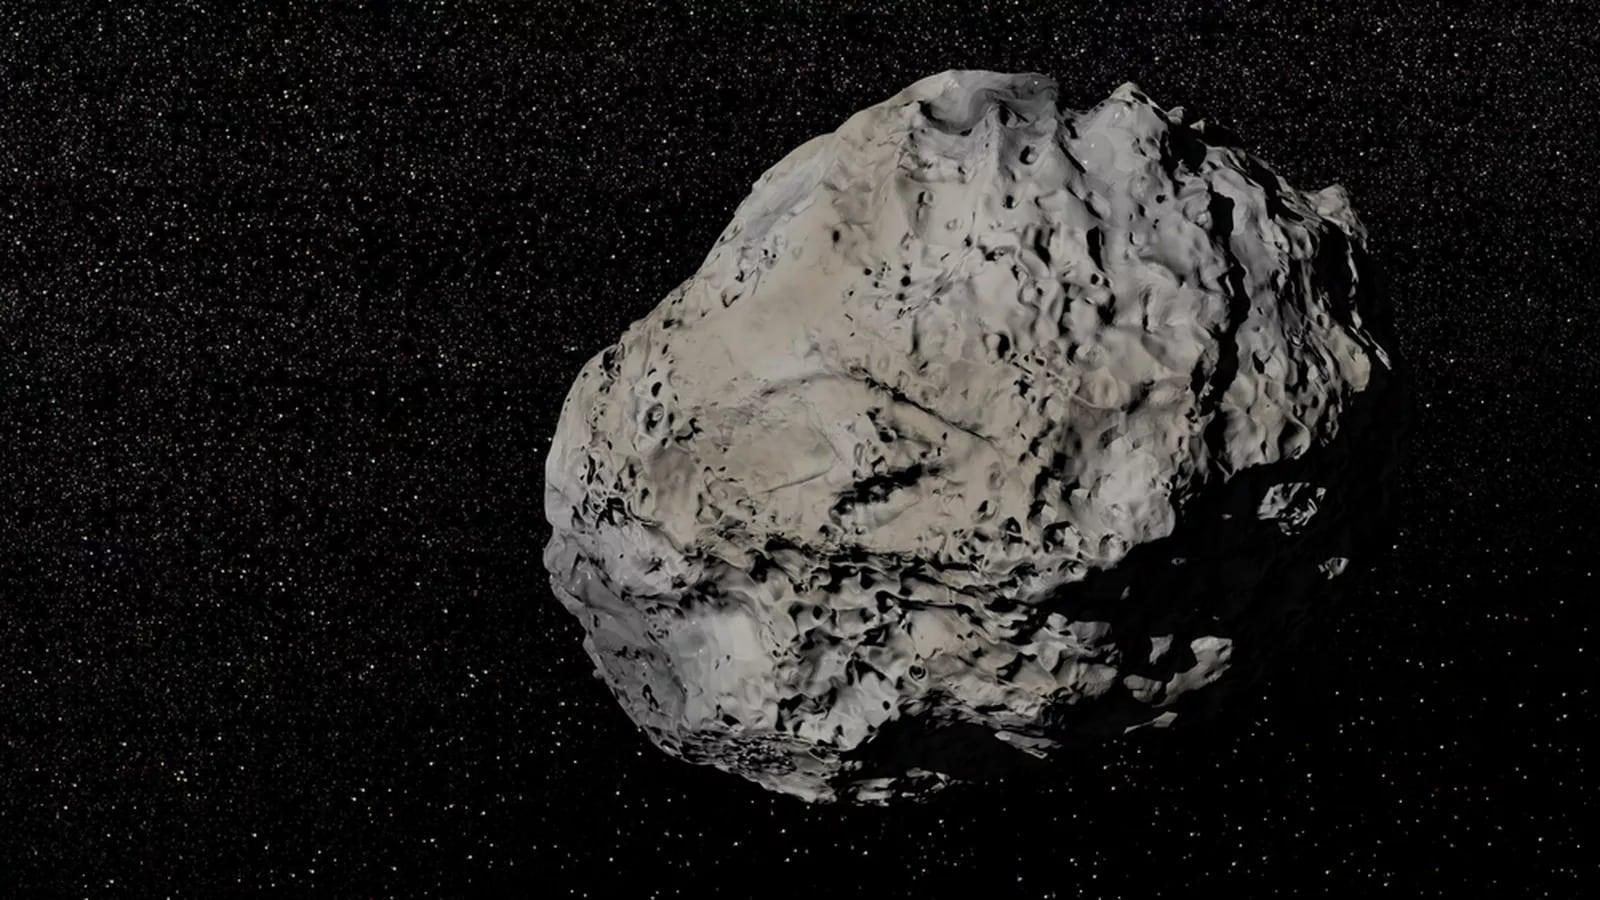 Огромный астероид летит к Земле: столкновение будет 3 октября 2019 года